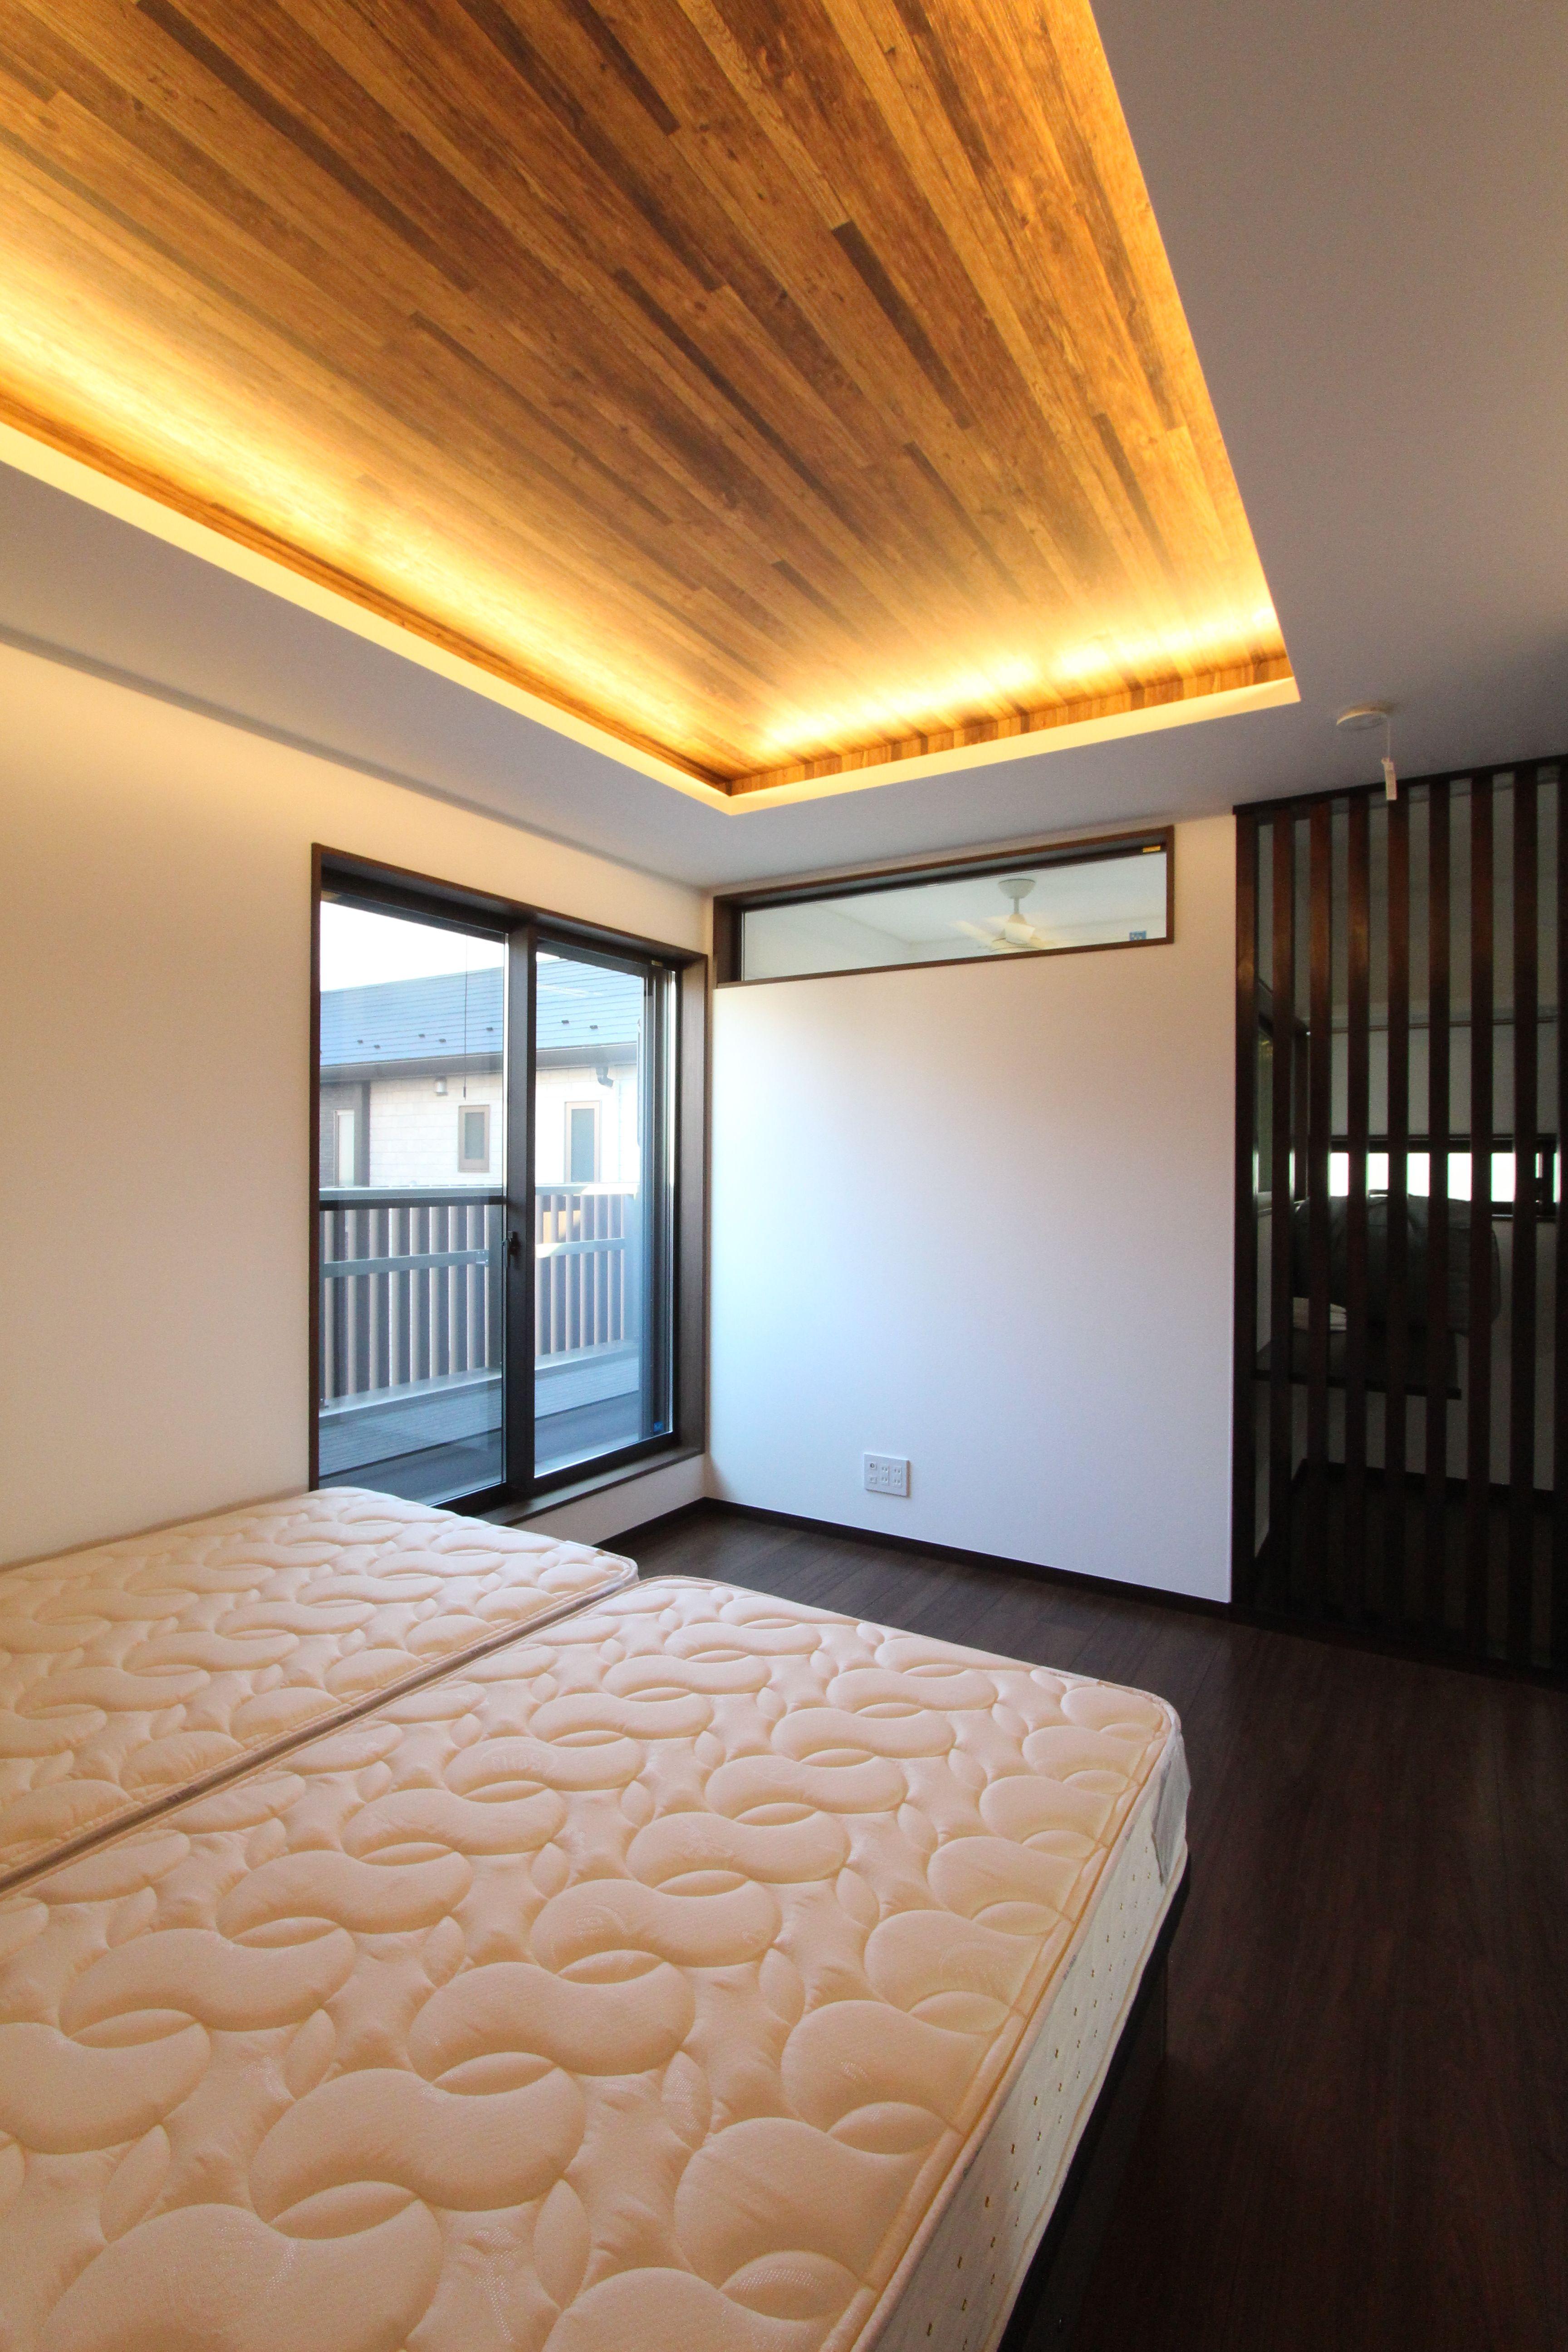 ベッドルーム 折り上げ天井 間接照明 格子 和室 モダン 照明 デザイン 和室 モダン 寝室